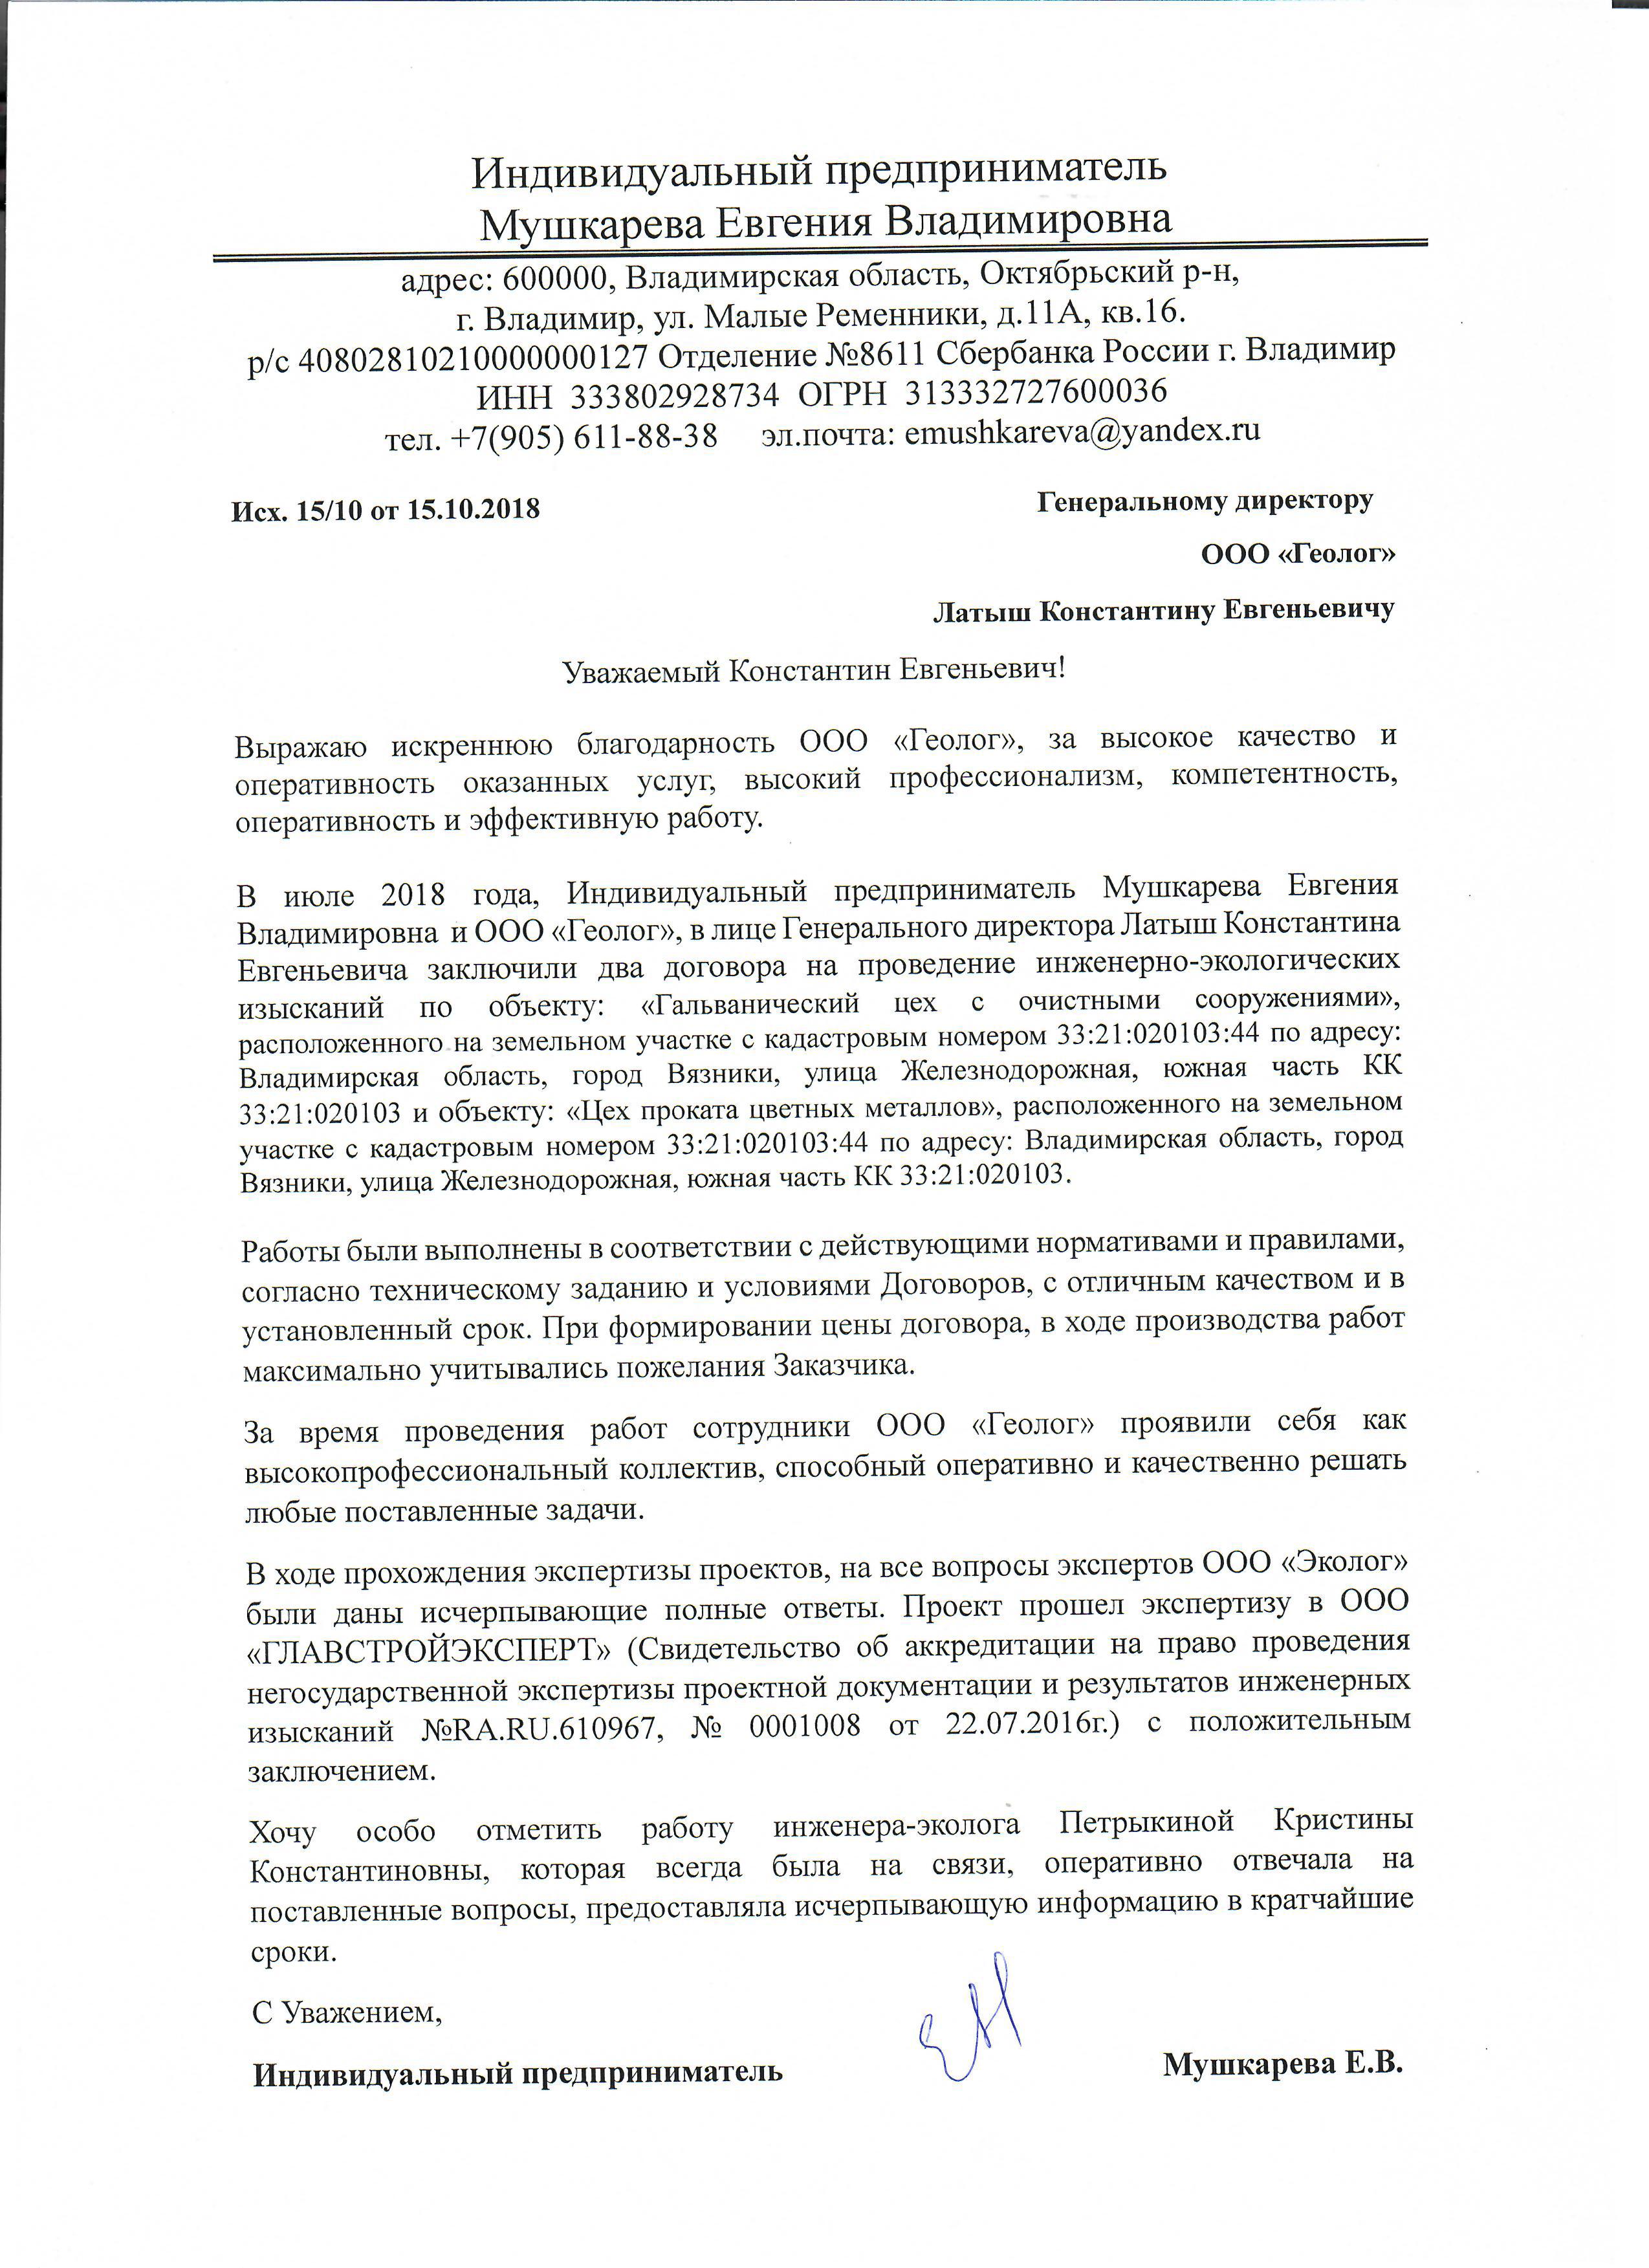 ИП-Мушкарева